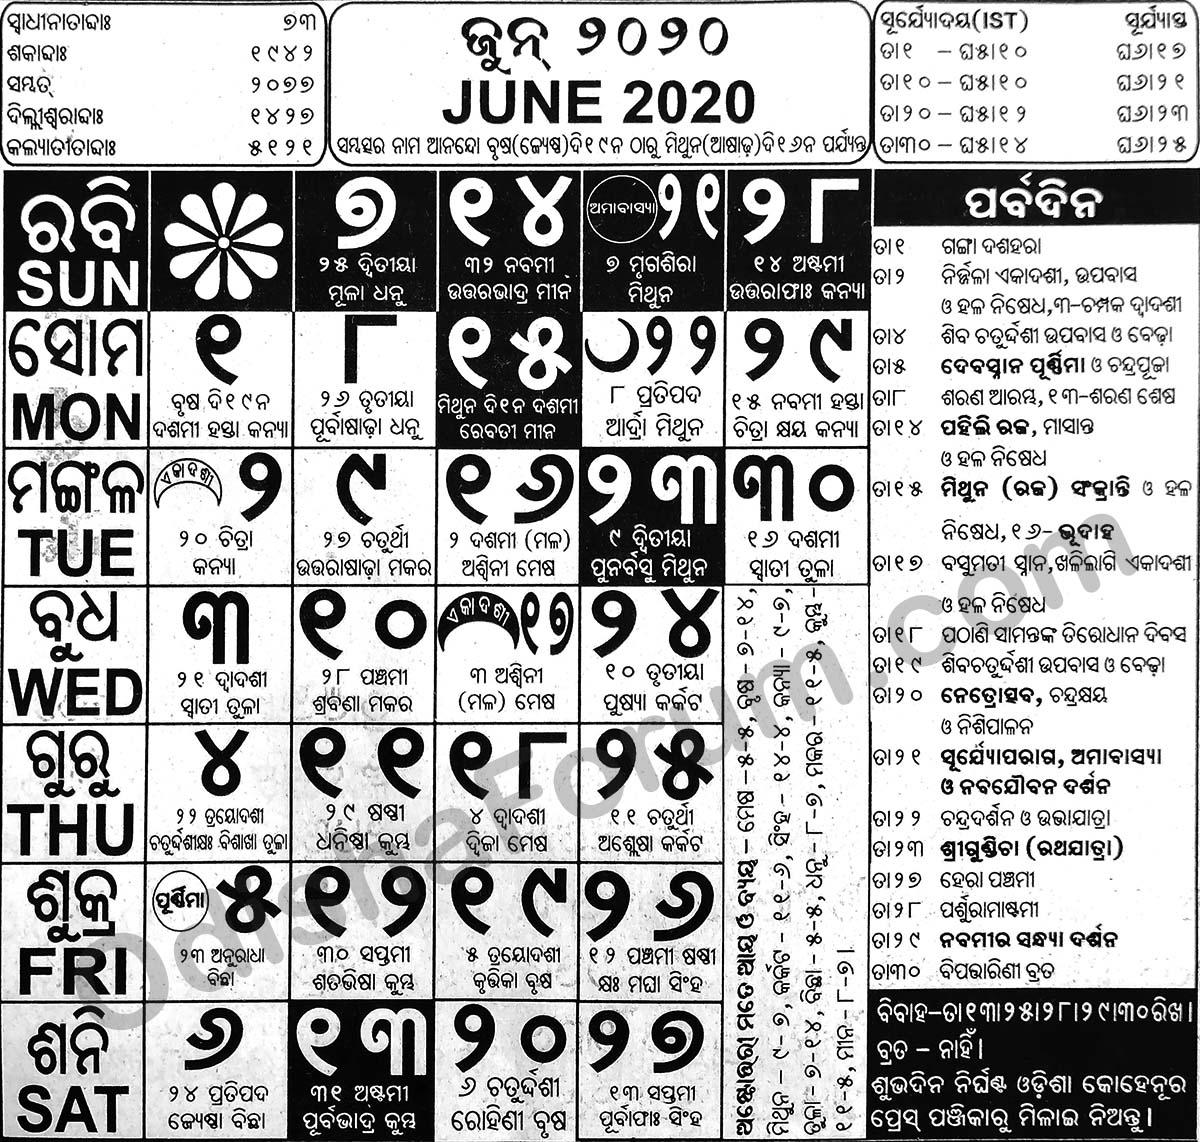 2020 June Oriya Calendar